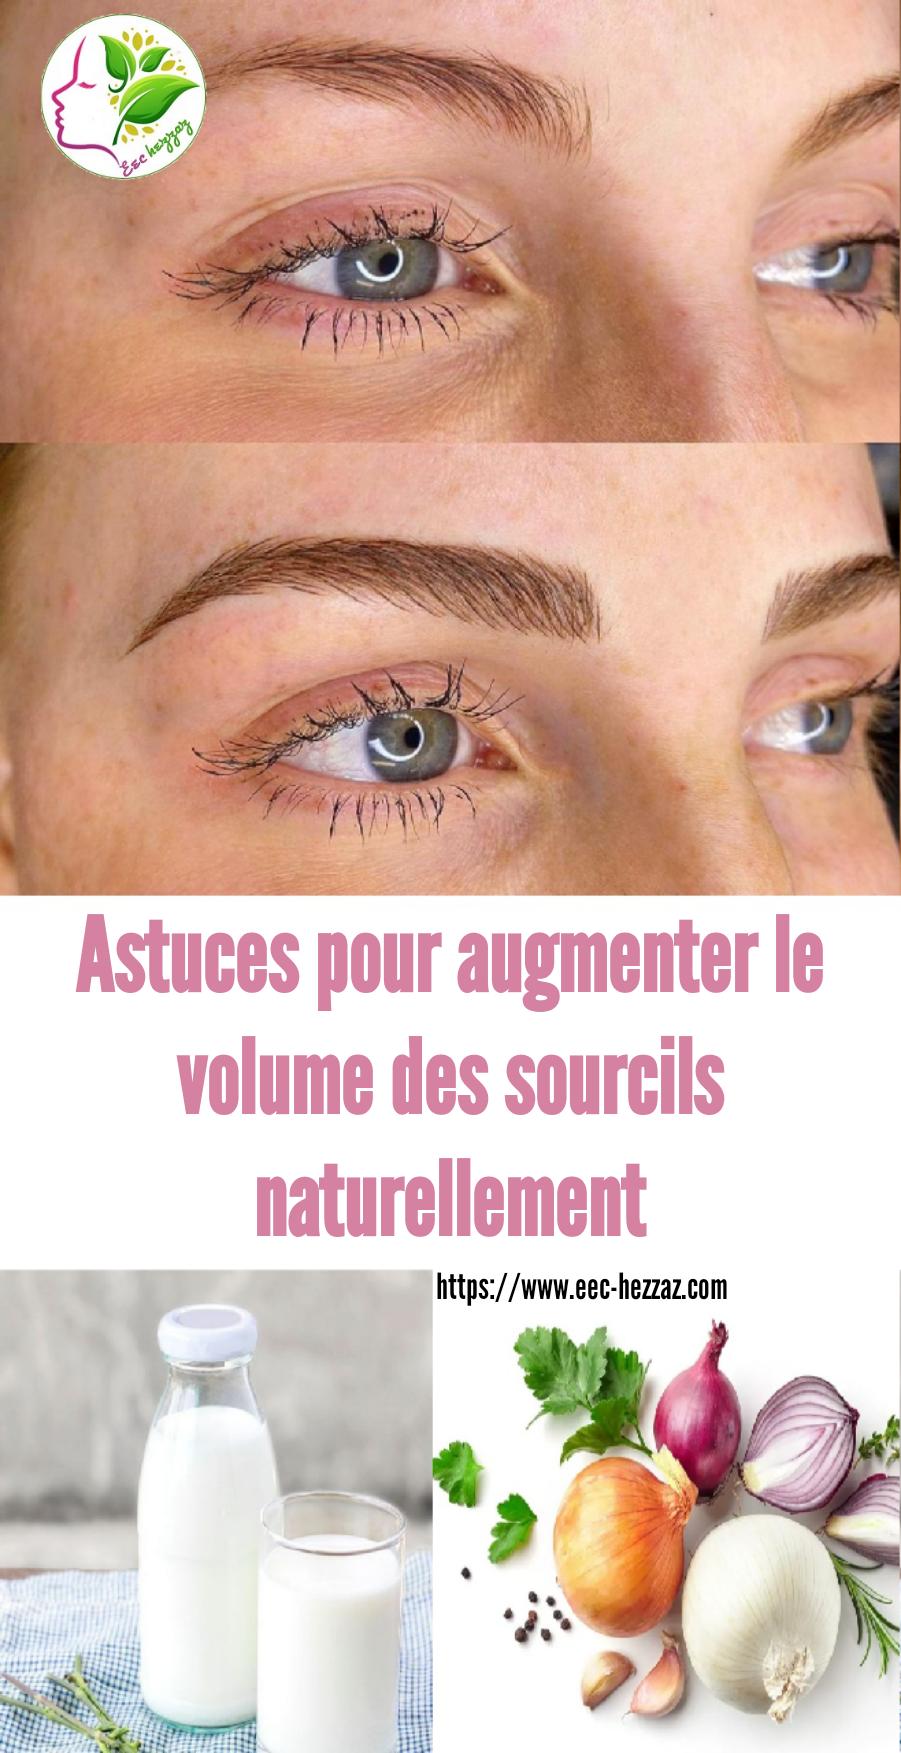 Astuces pour augmenter le volume des sourcils naturellement